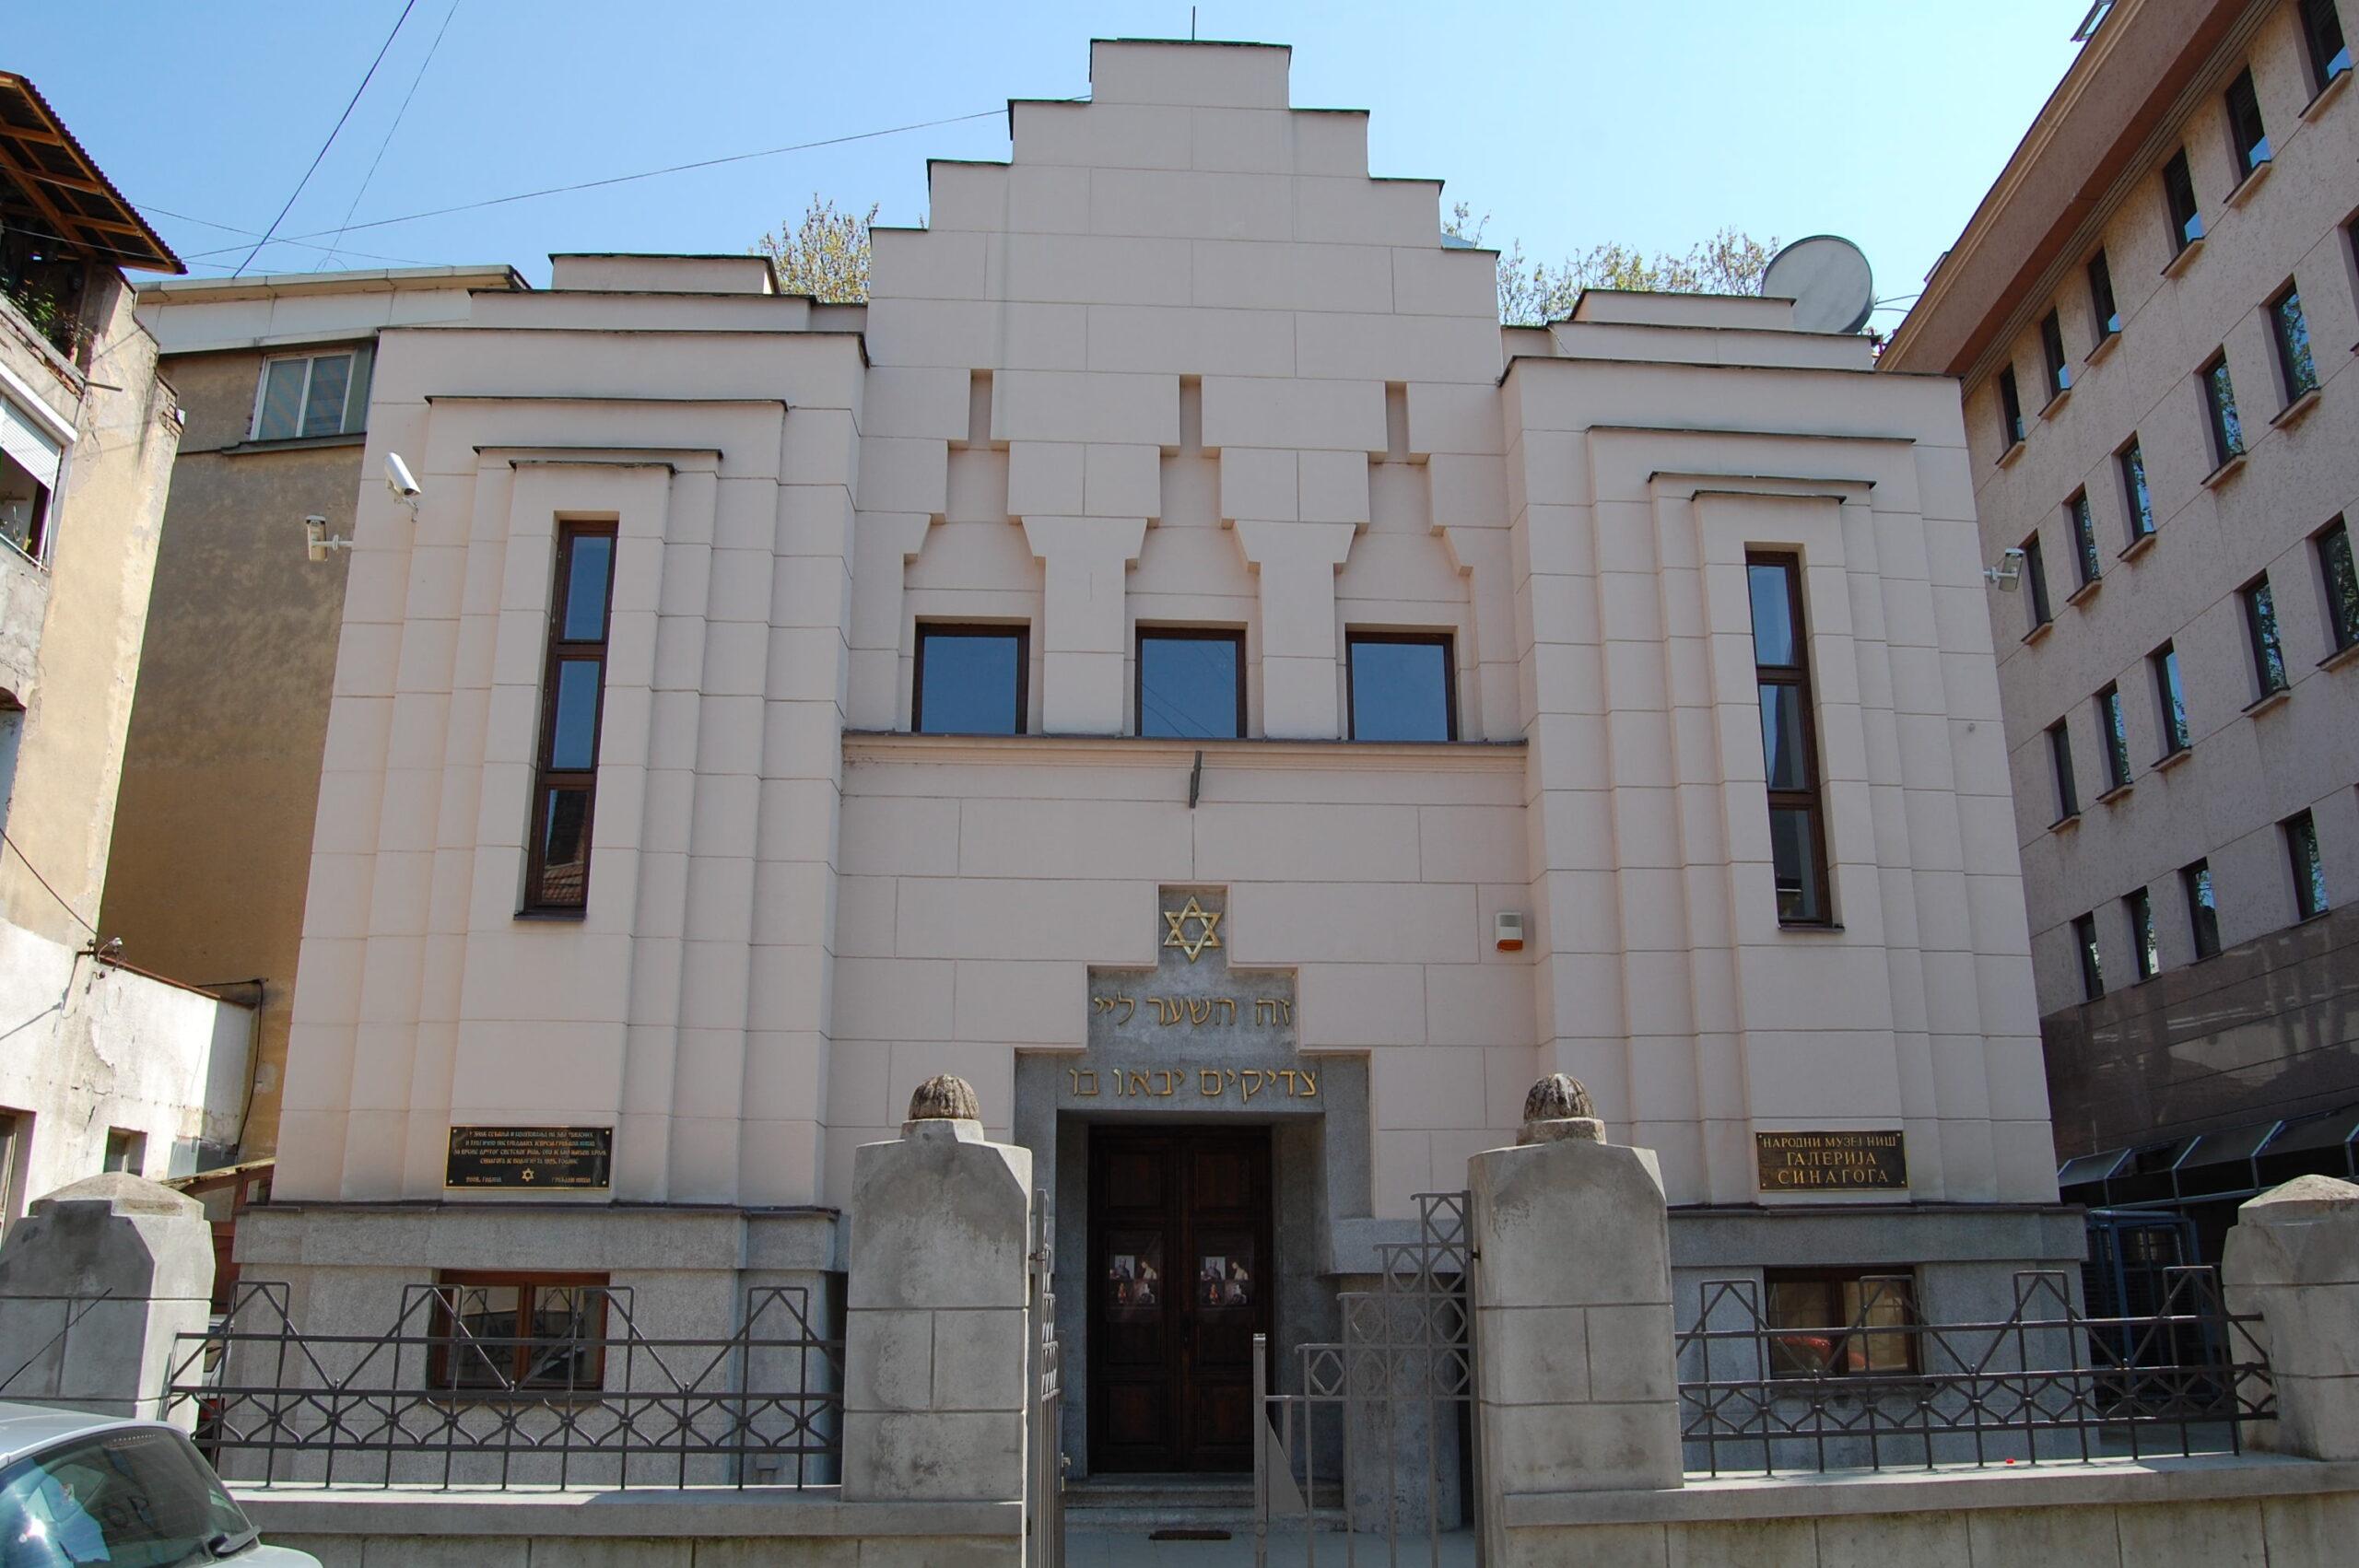 La Galerie Synagogue